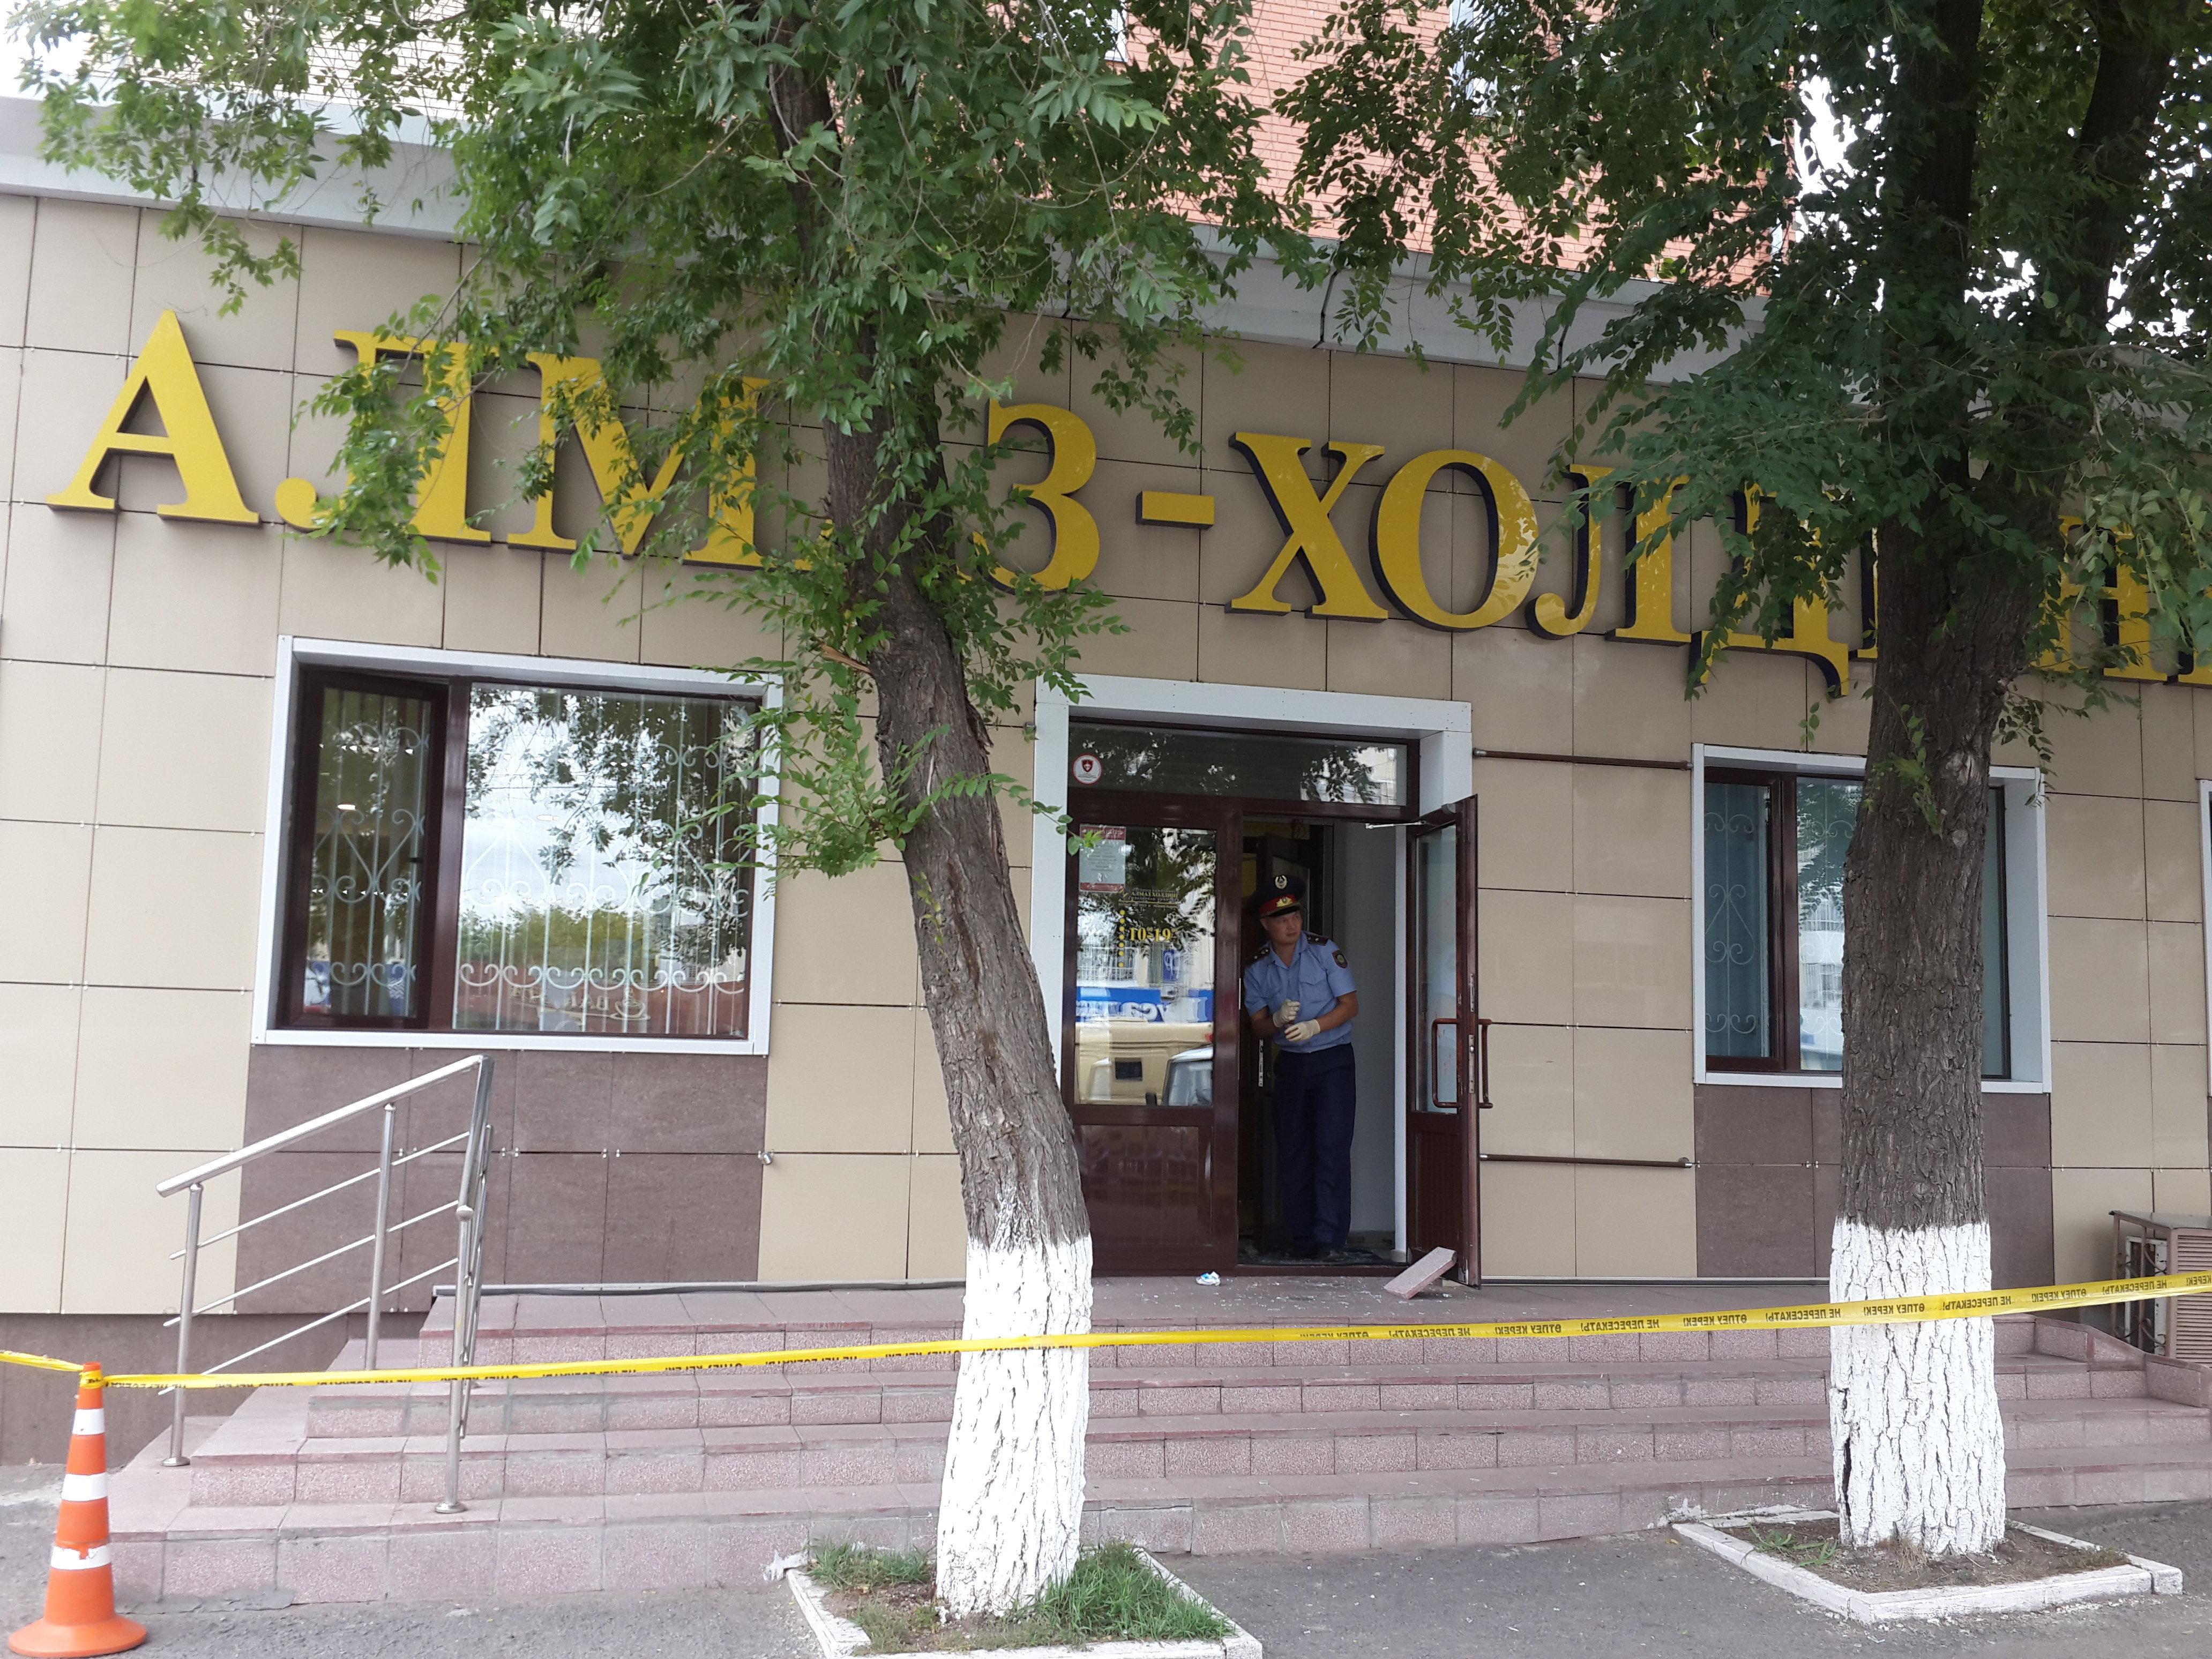 Ювелирный магазин ограбили средь бела дня в центре Астаны